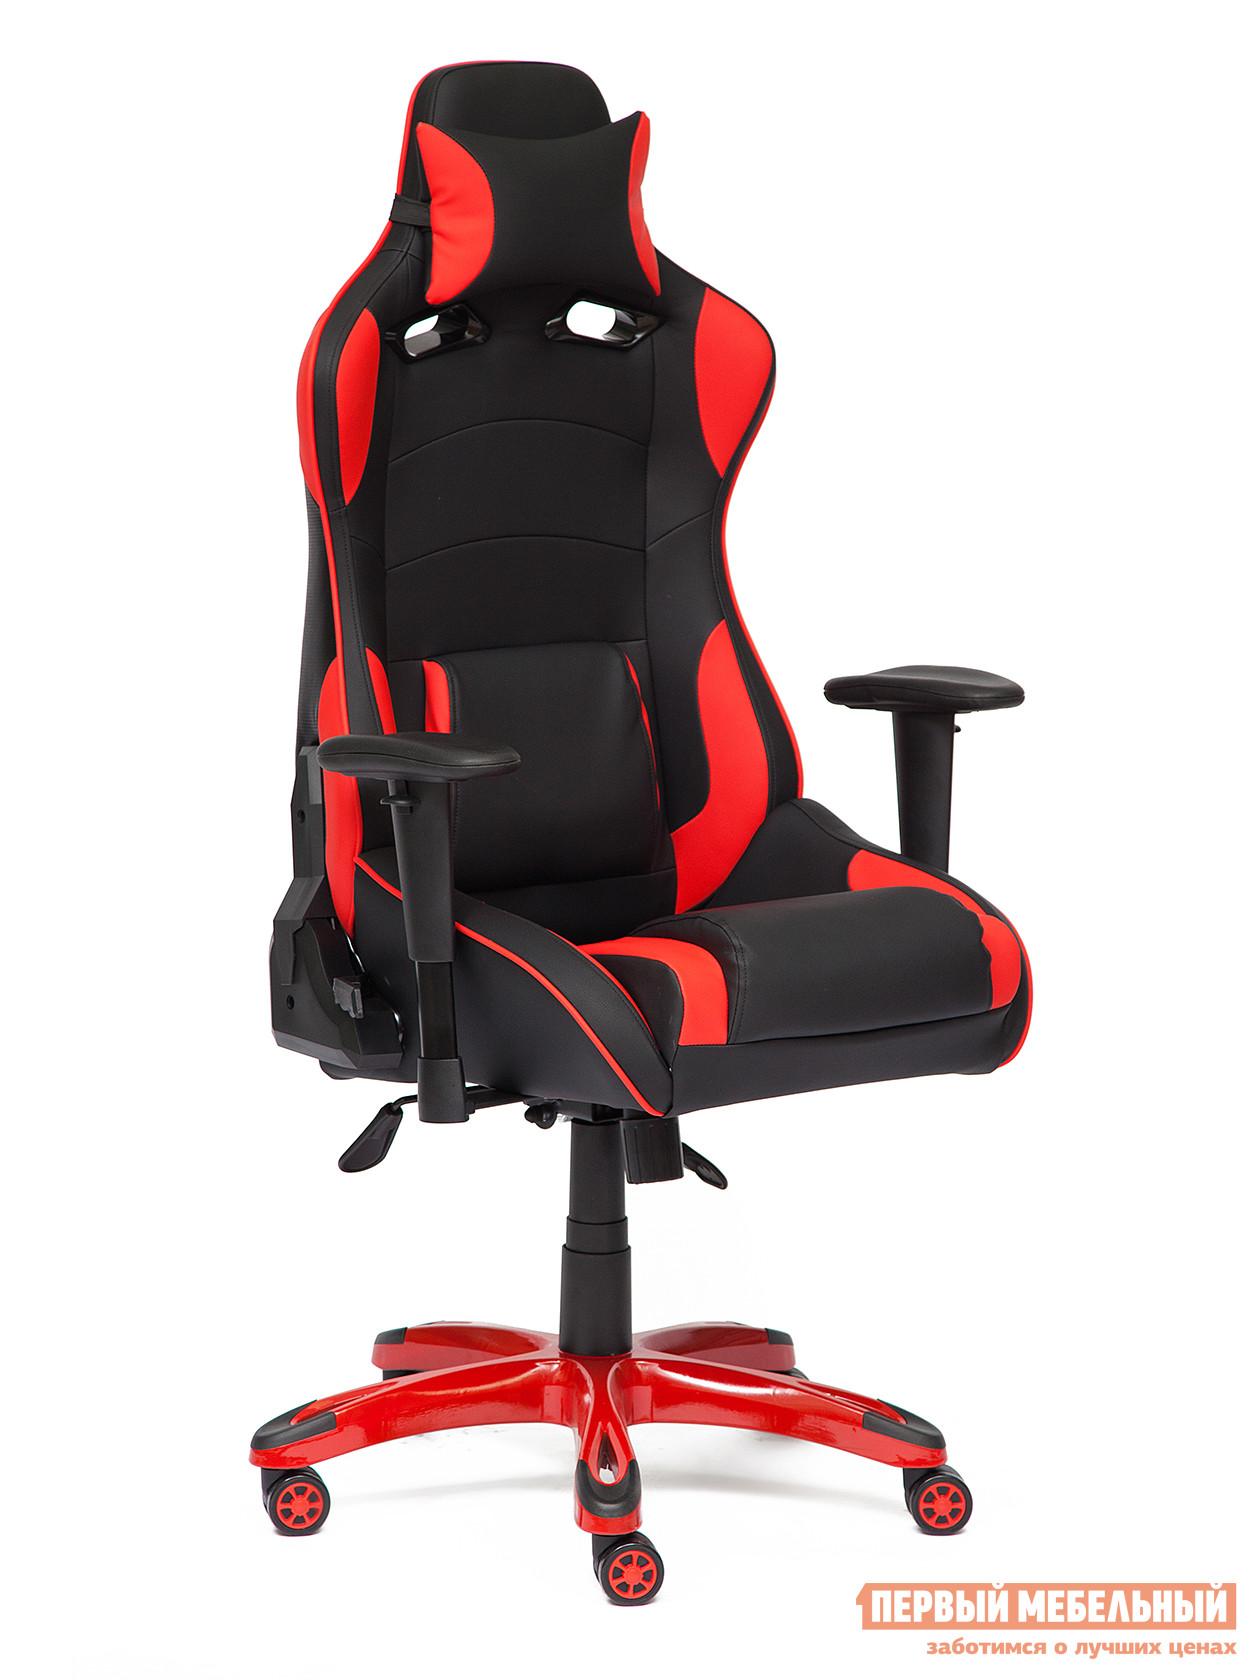 Игровое кресло Tetchair iForce кресло игровое tetchair ibat